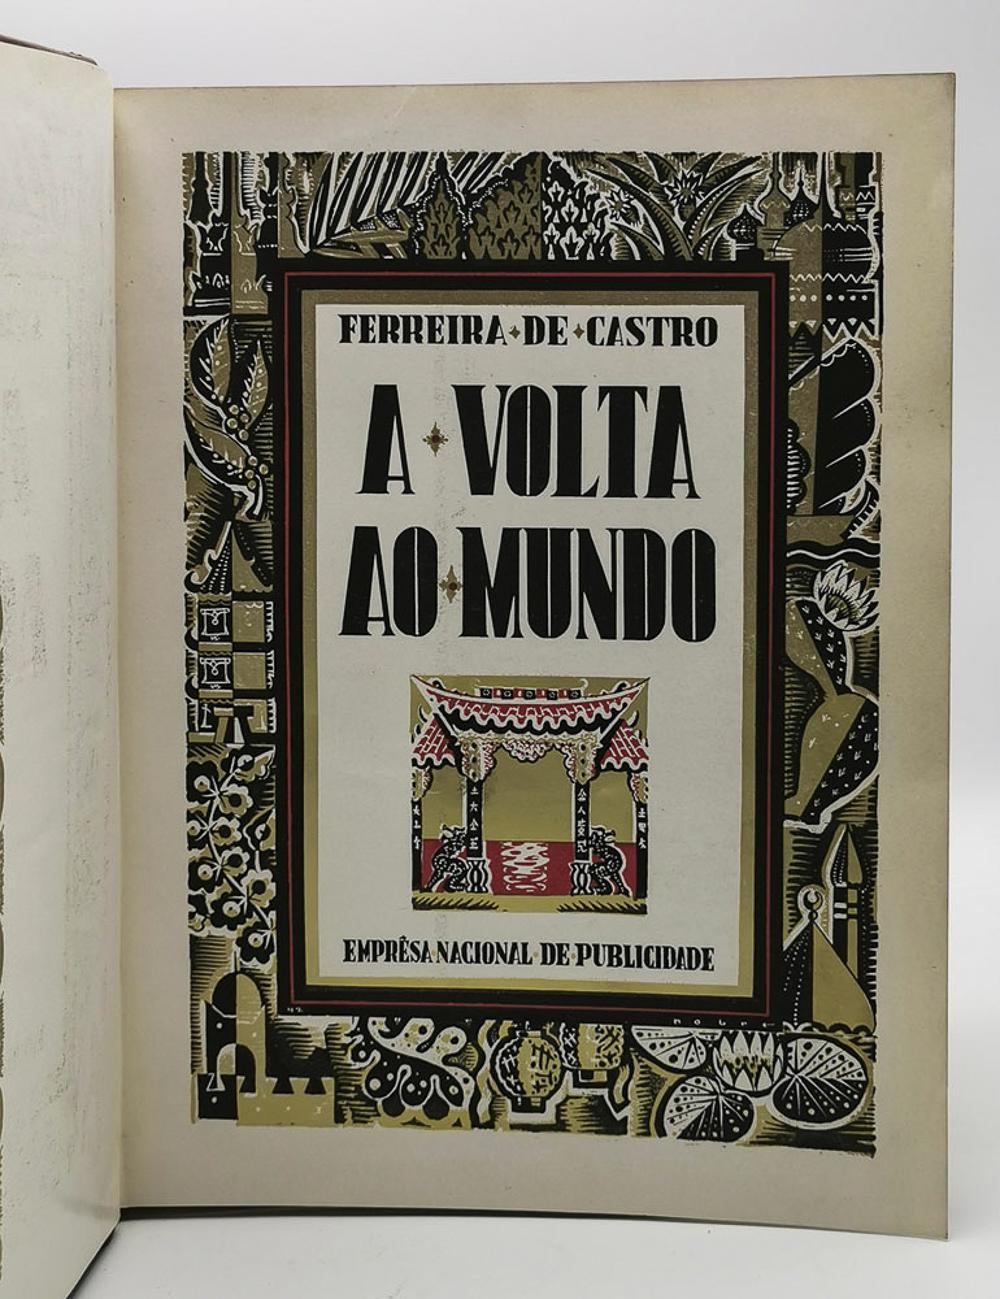 CASTRO, Ferreira de. BACK TO THE WORLD, 1 vol. enc.